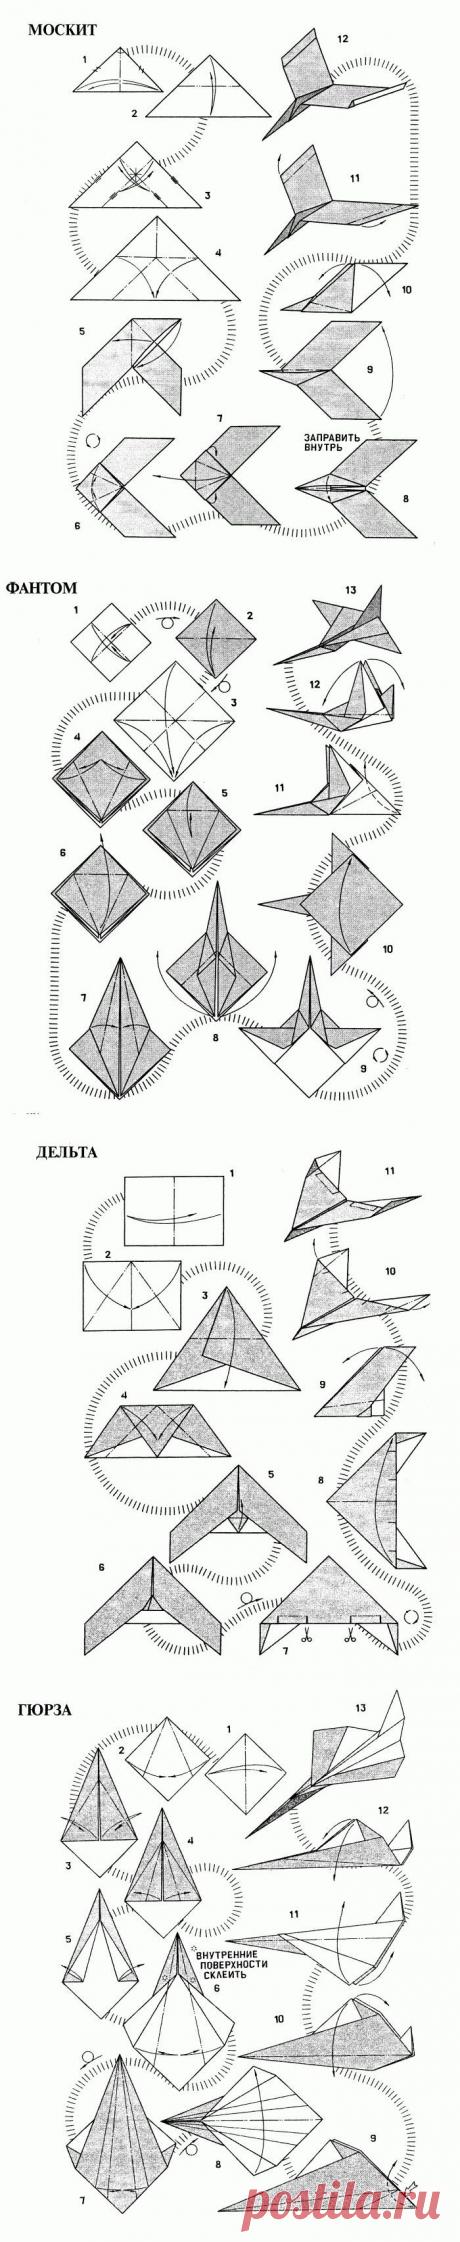 Как сложить разные модели бумажных самолетиков